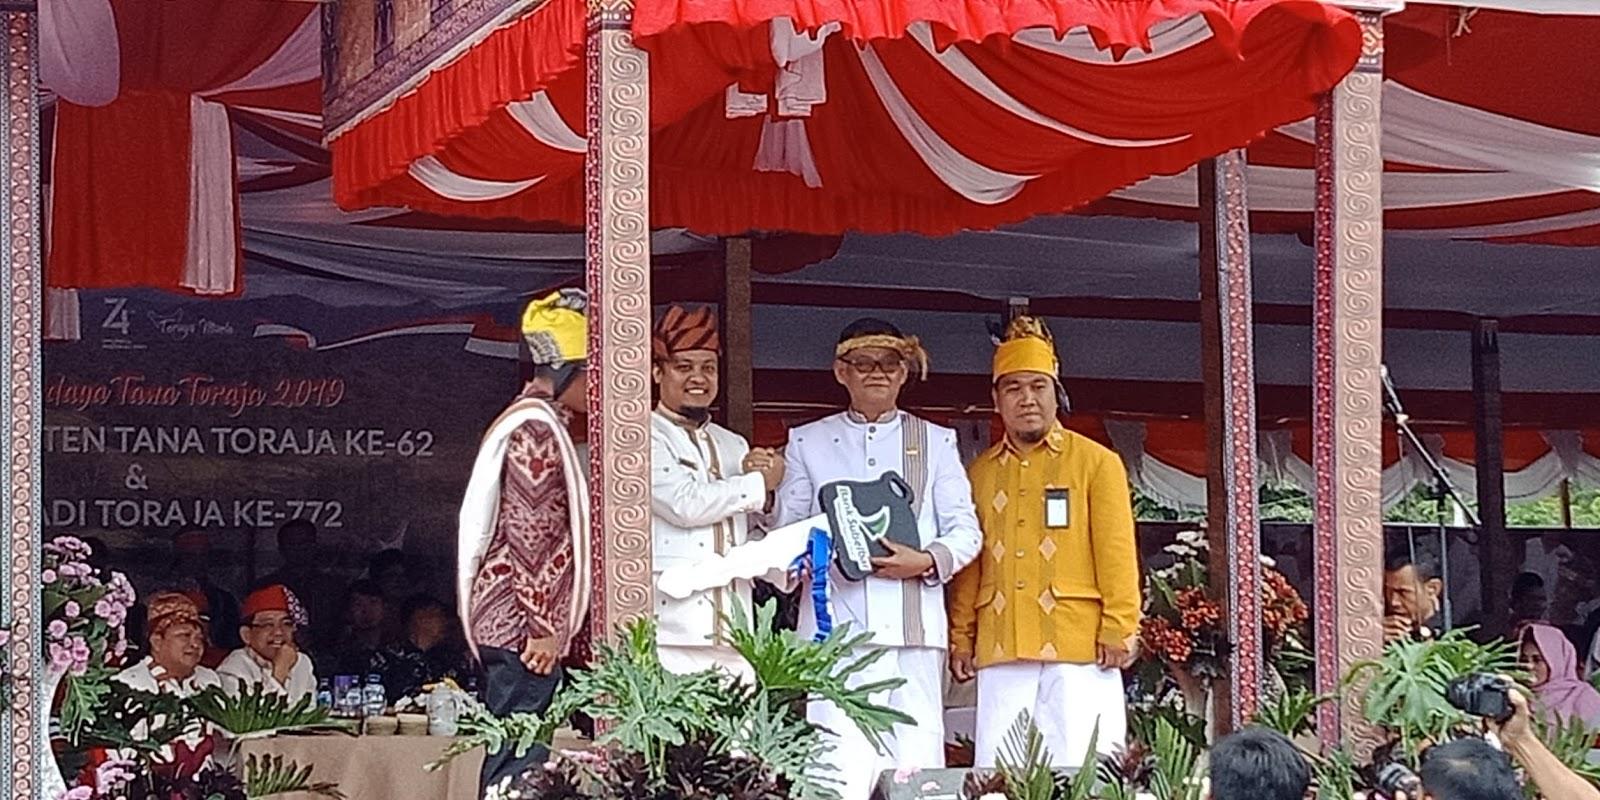 Kemeriahan HUT Tana Toraja ke-62 dan Hari Jadi Toraja ke-772, Dalam Bingkai Event Budaya Toraja